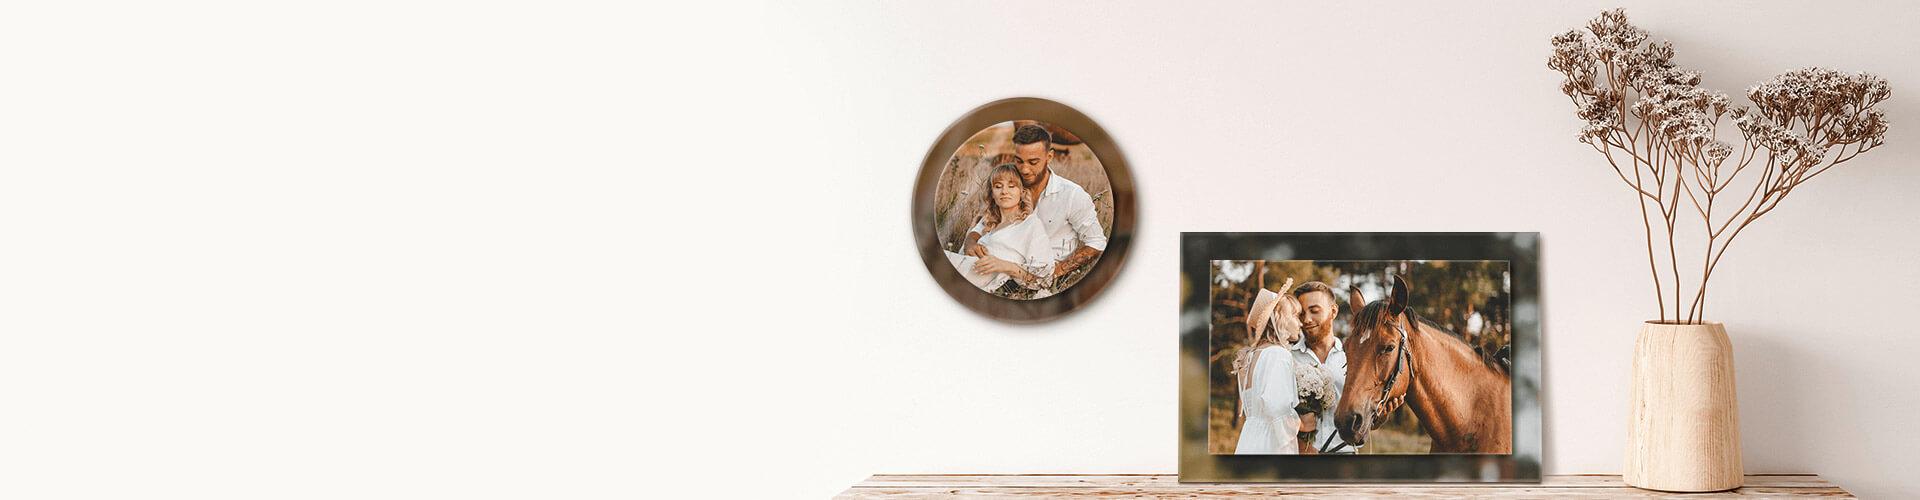 Double Acrylic Frames